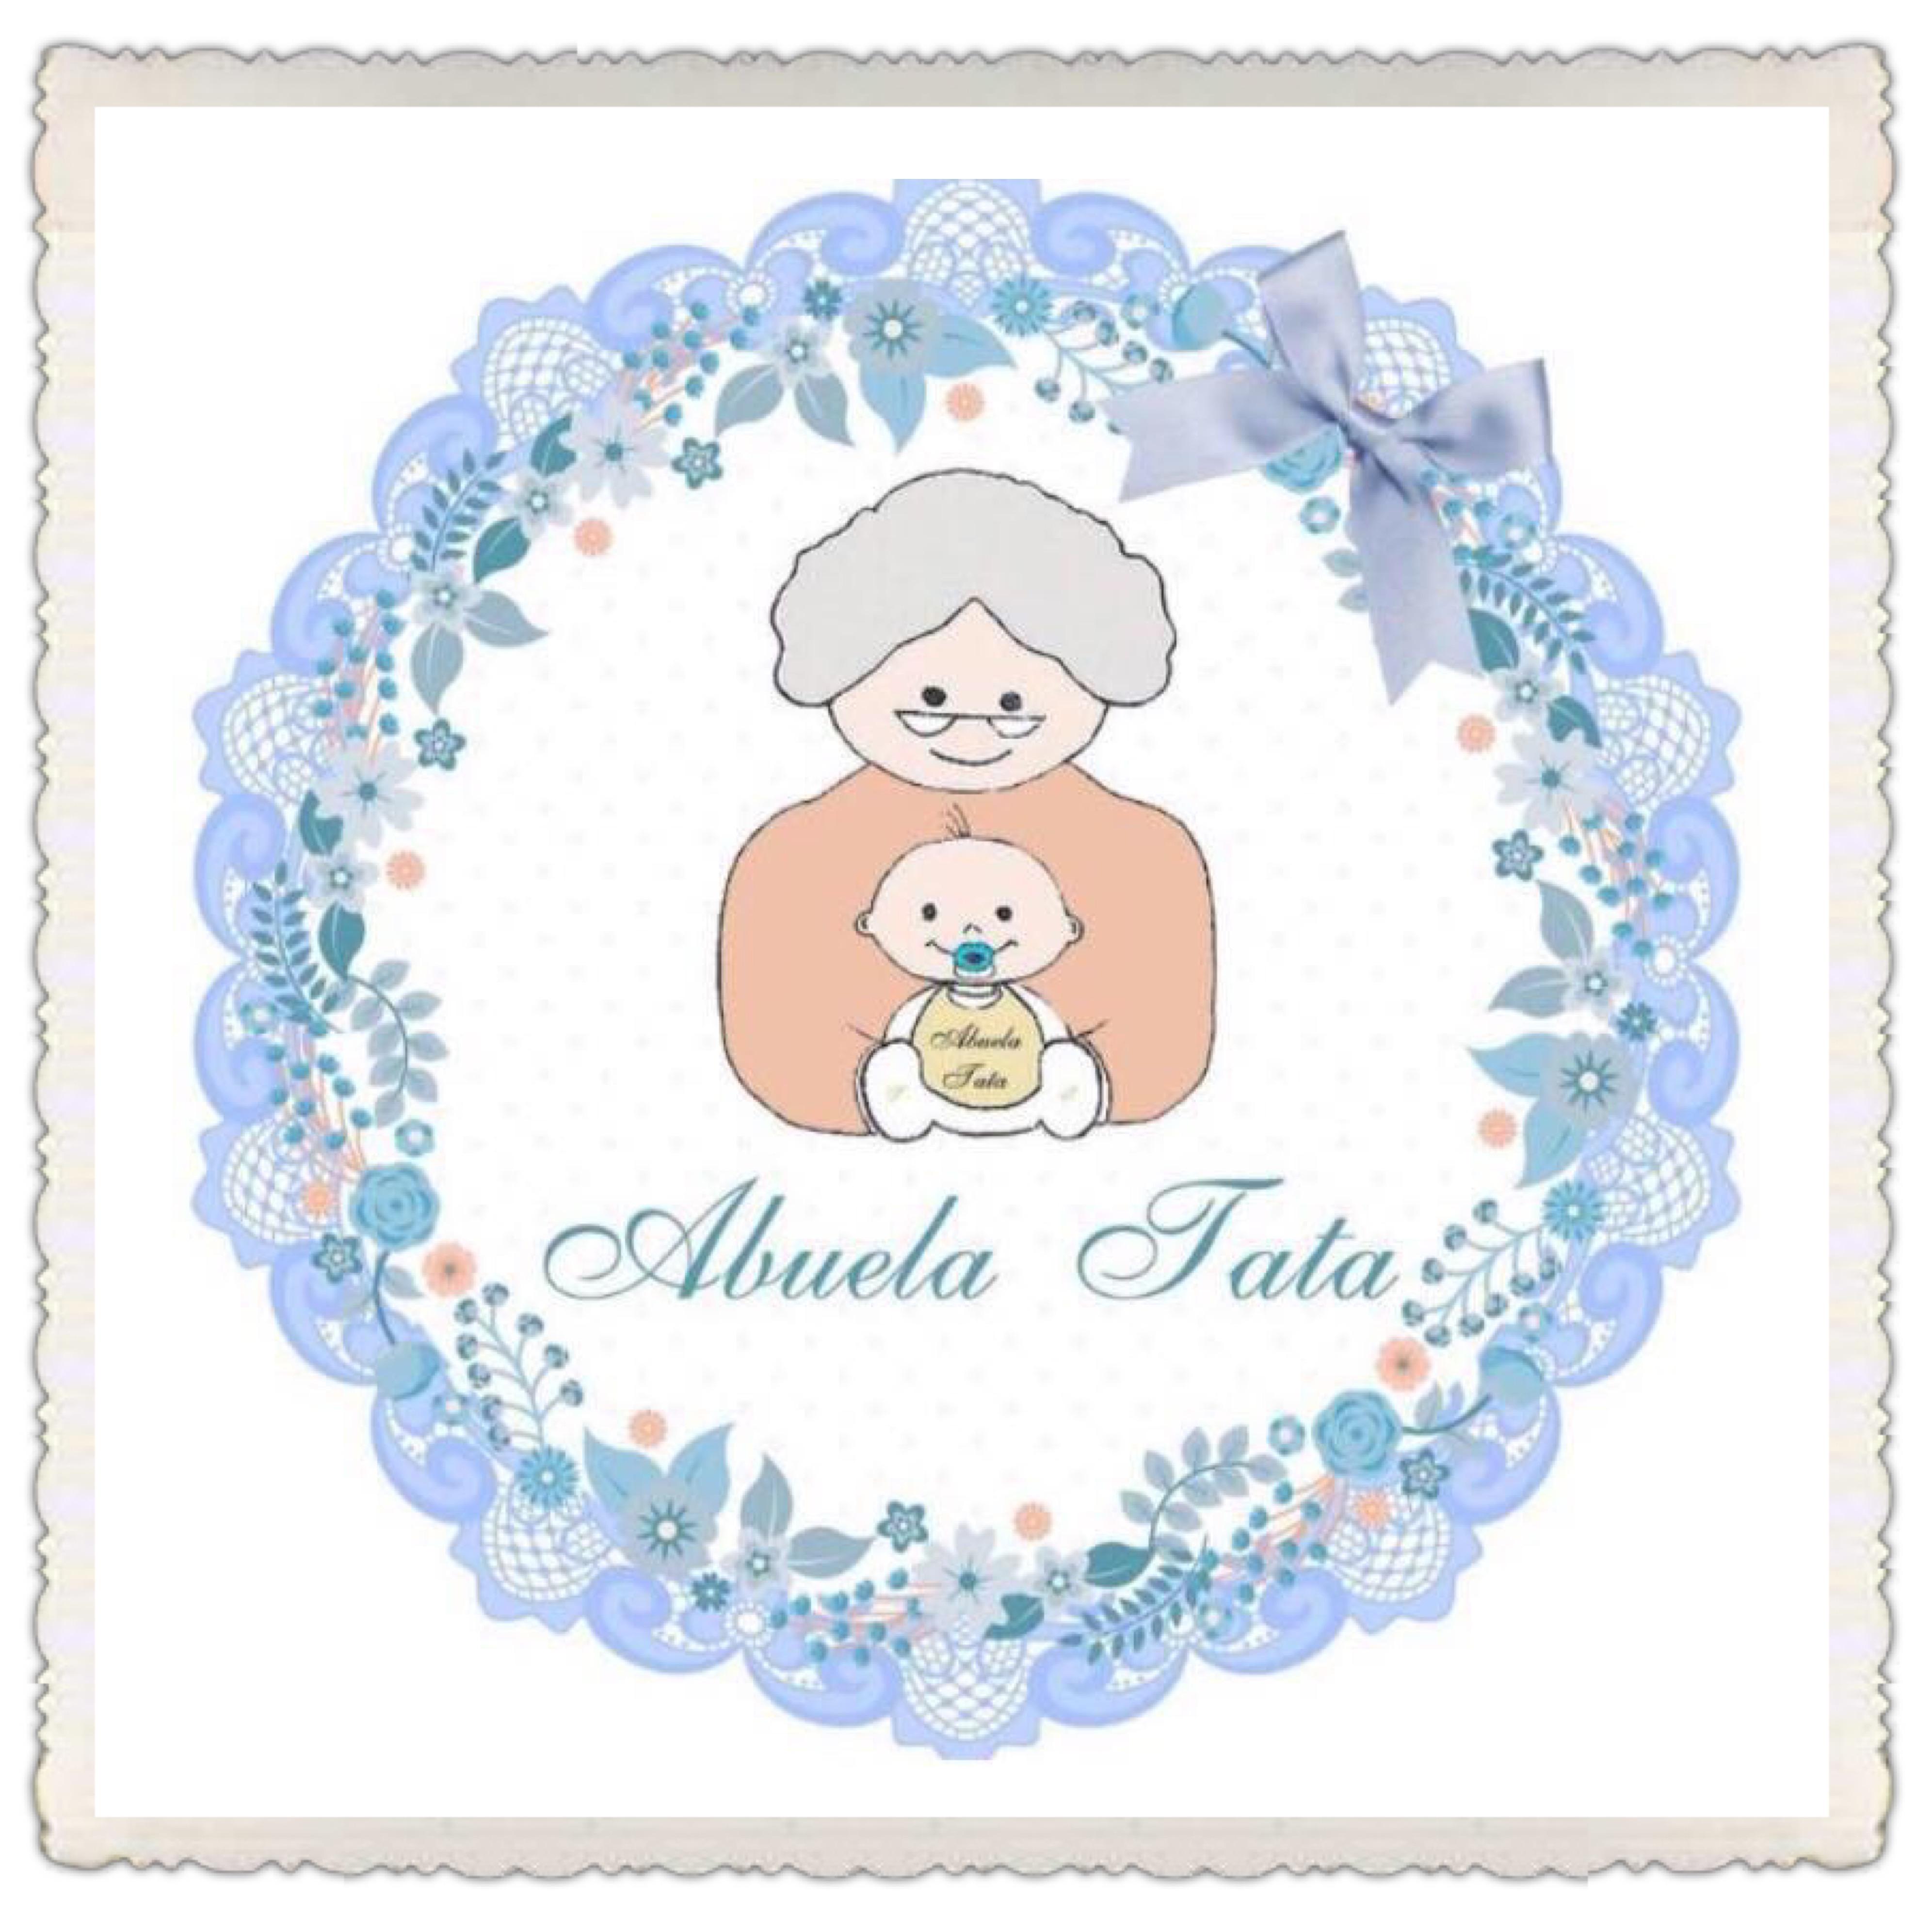 Abuela Tata